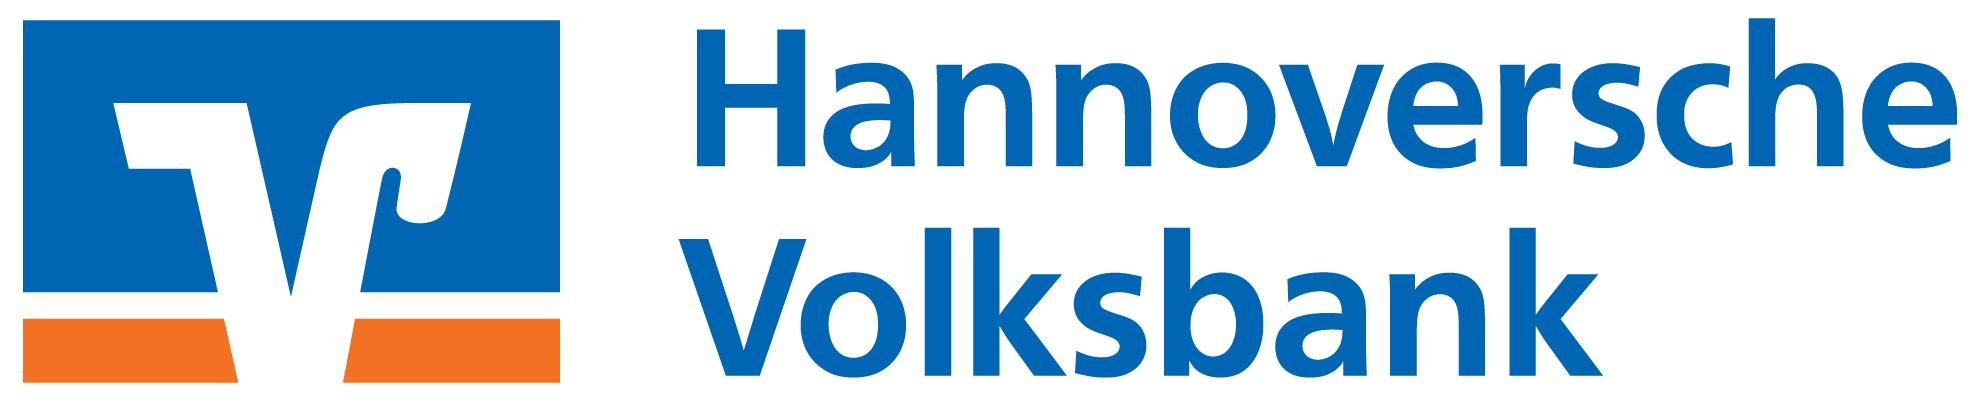 Hannoversche Volksbank eG SelbstbedienungsCenter Anderten